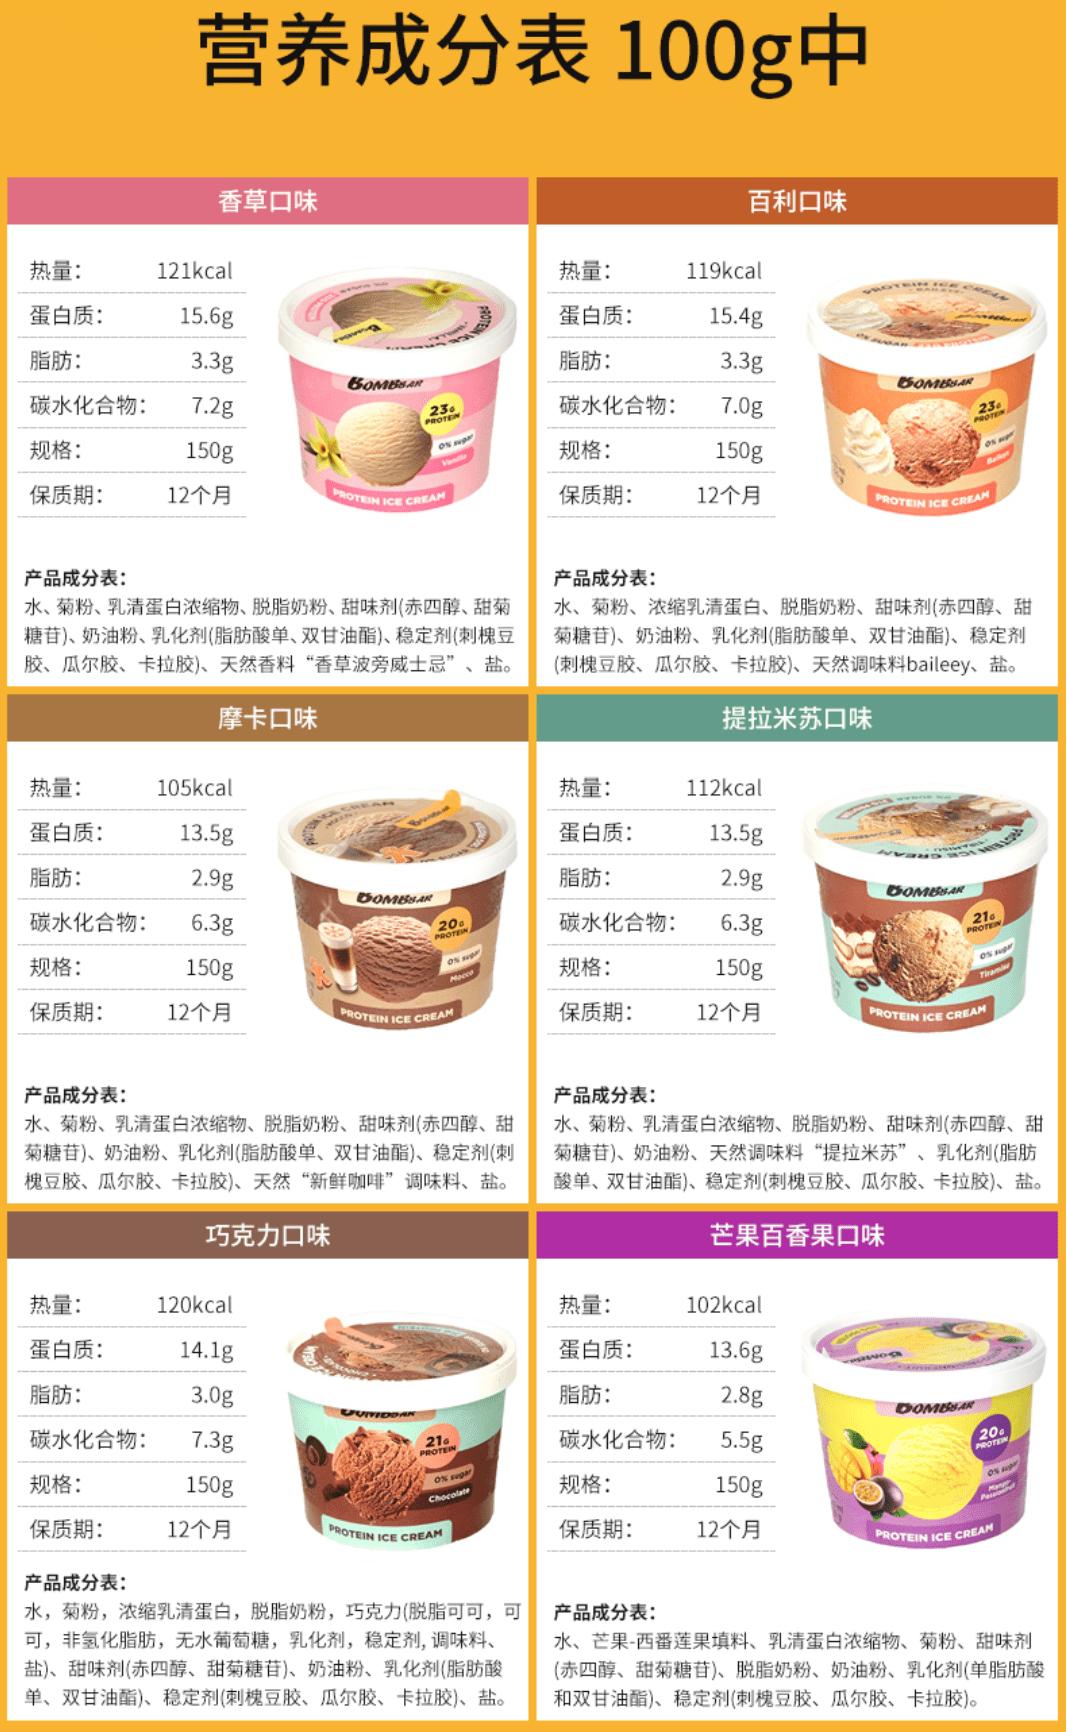 怕长痘也怕长胖吃什么冰淇淋?试试这6款